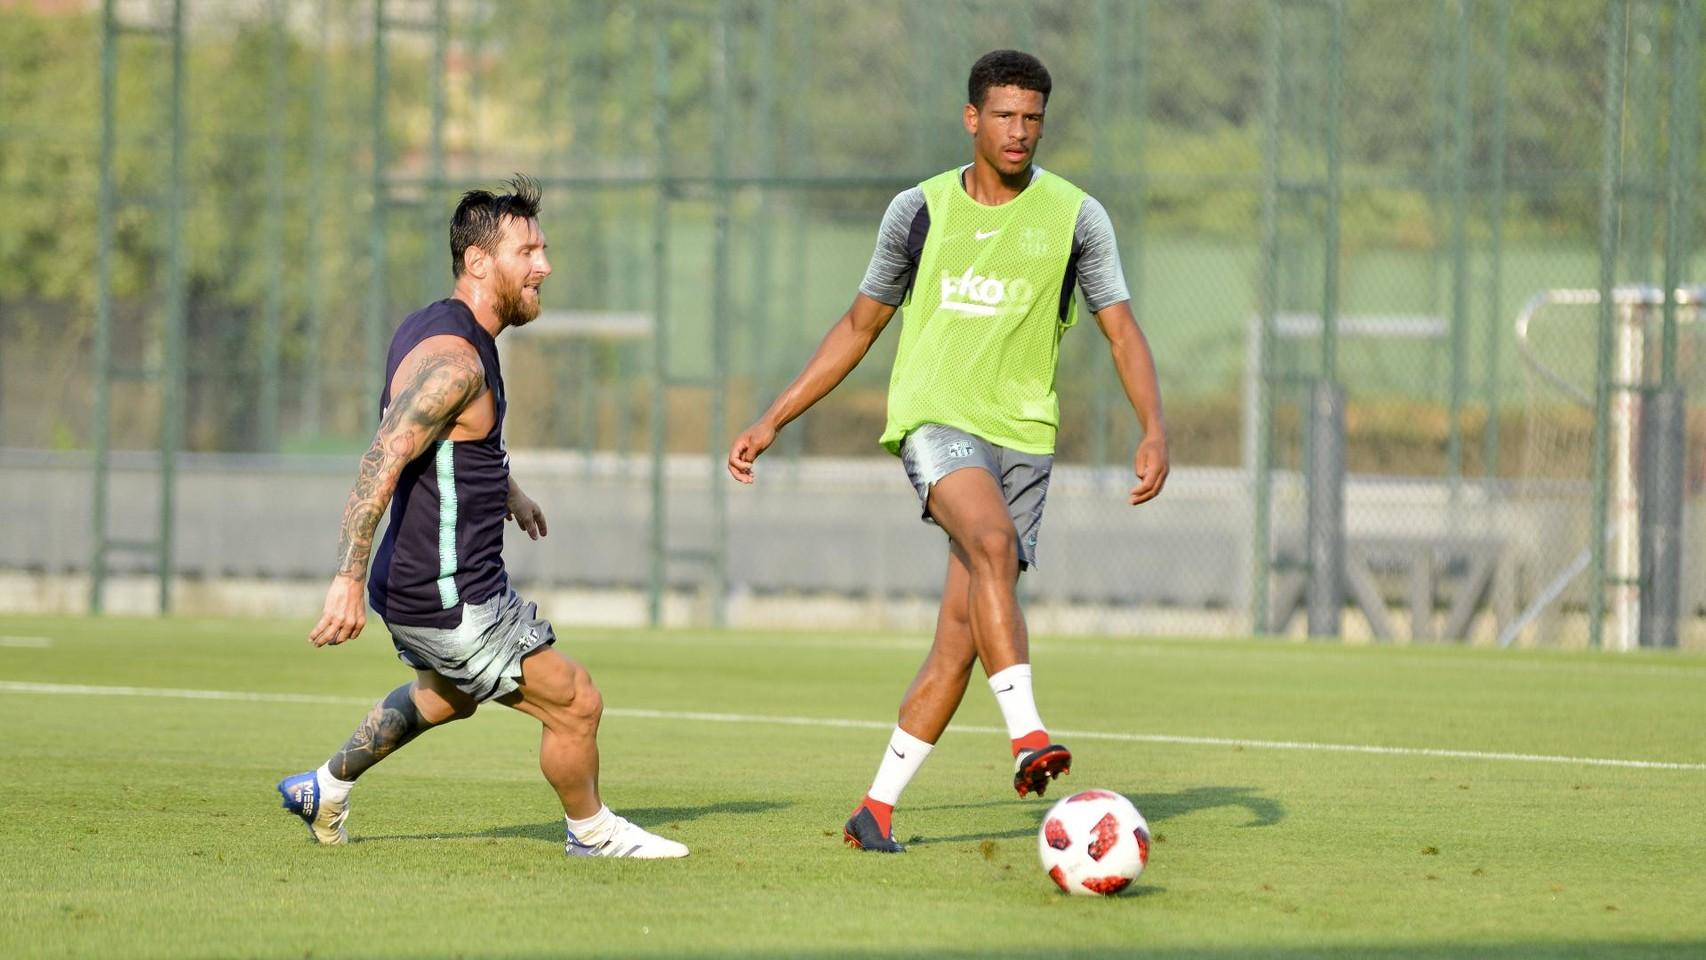 تدريب مشترك مع برشلونة ب ، ميسي ، بيكي ، جوردي ألبا ، سيرجيو ، سامبر  95314048